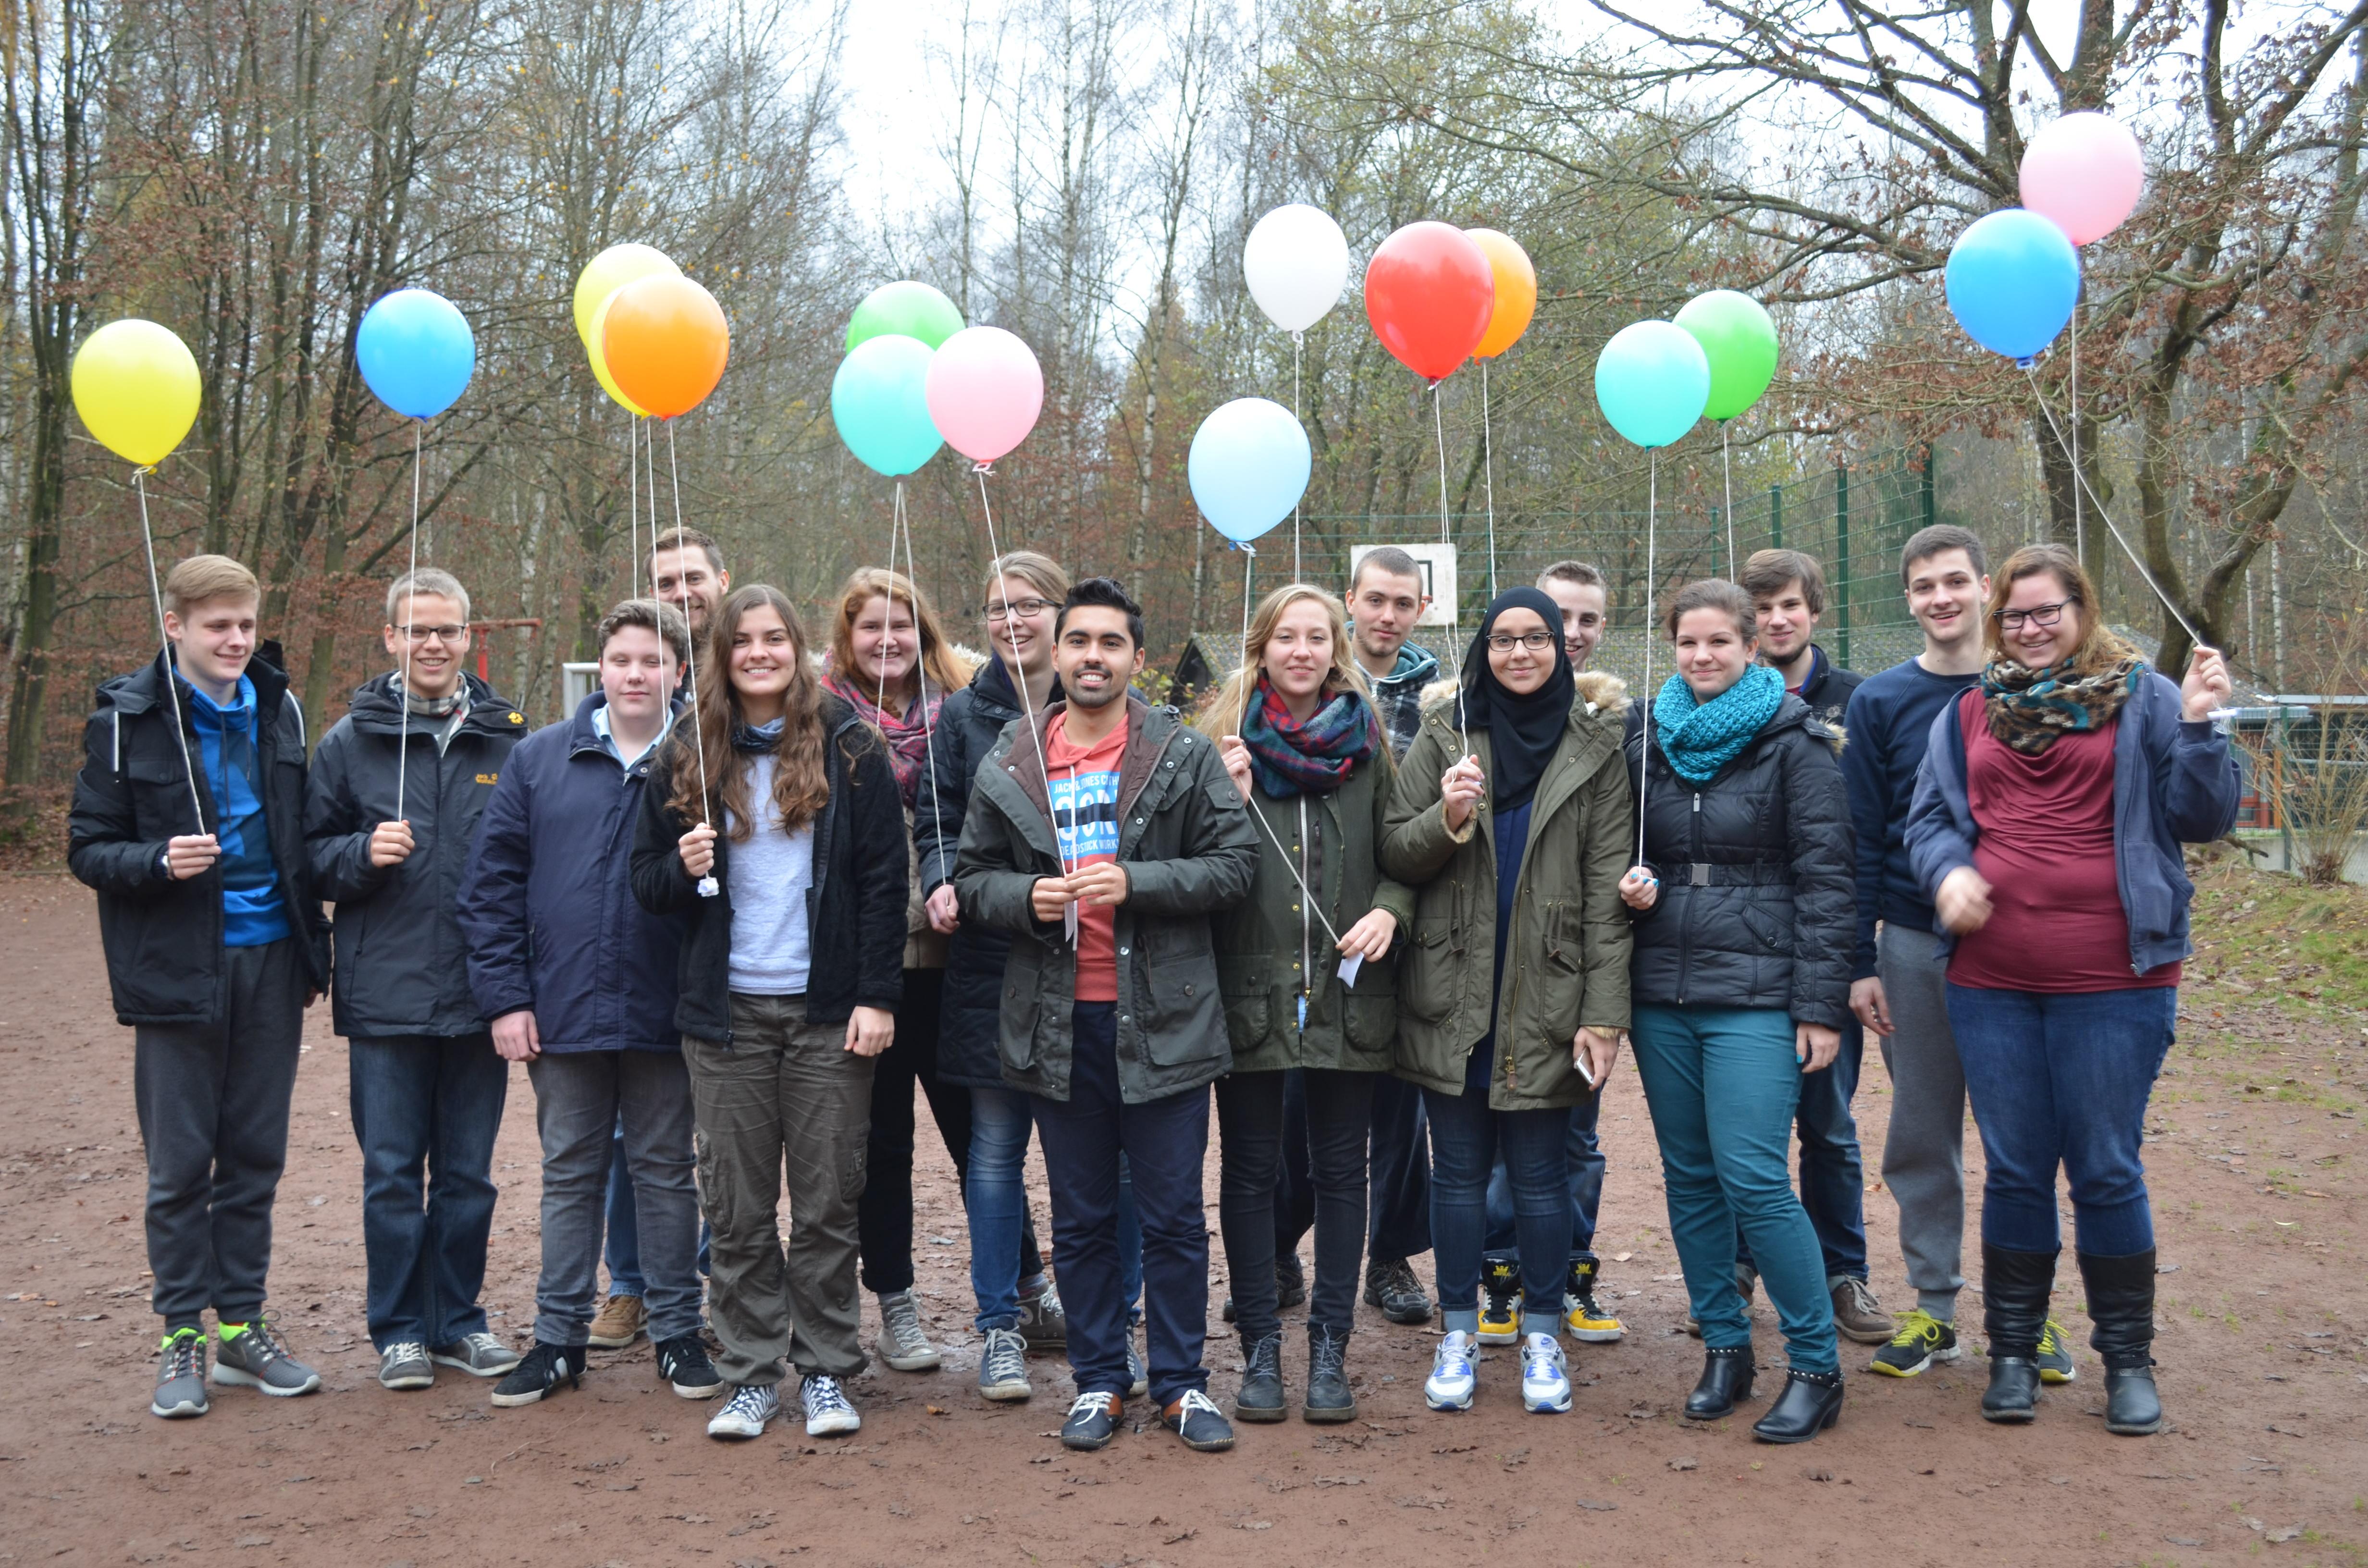 Gruppenbild Ballons